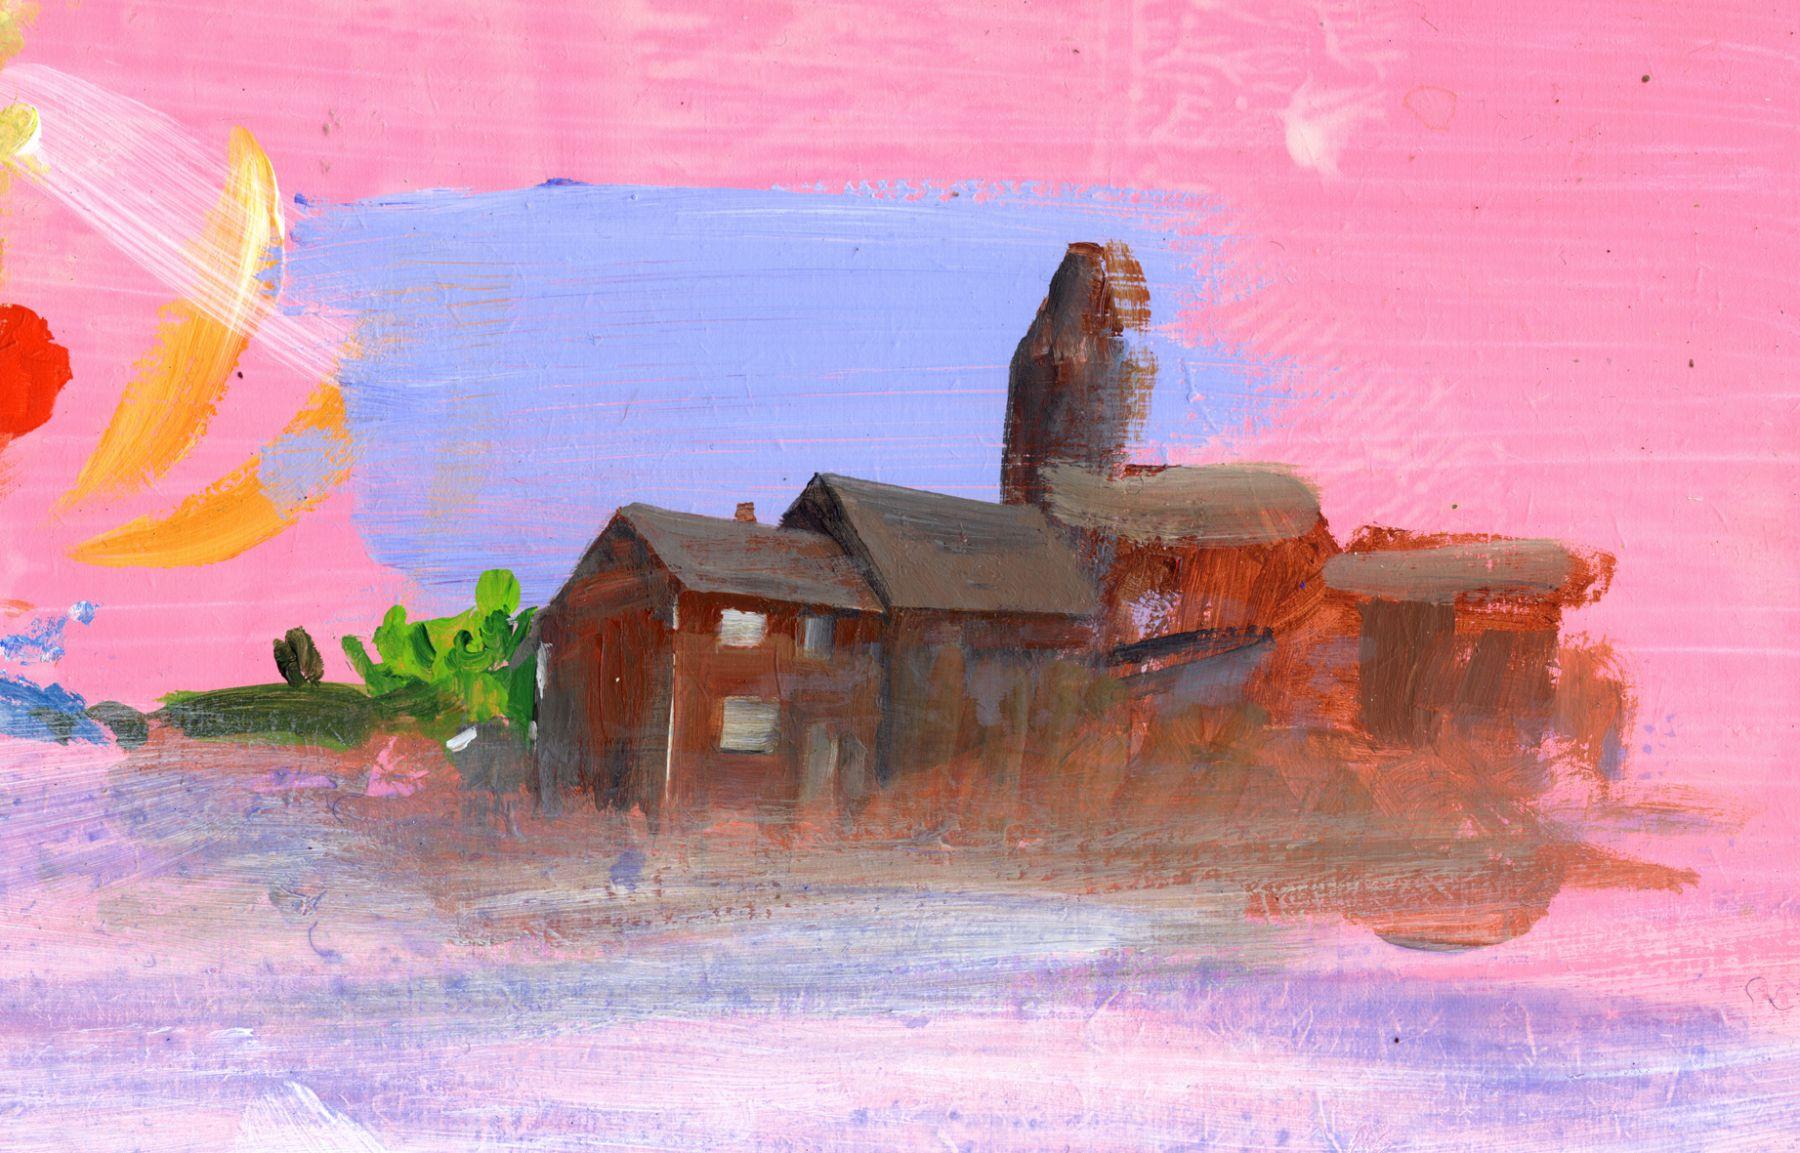 Still from Community, 2006, Animation on DVD